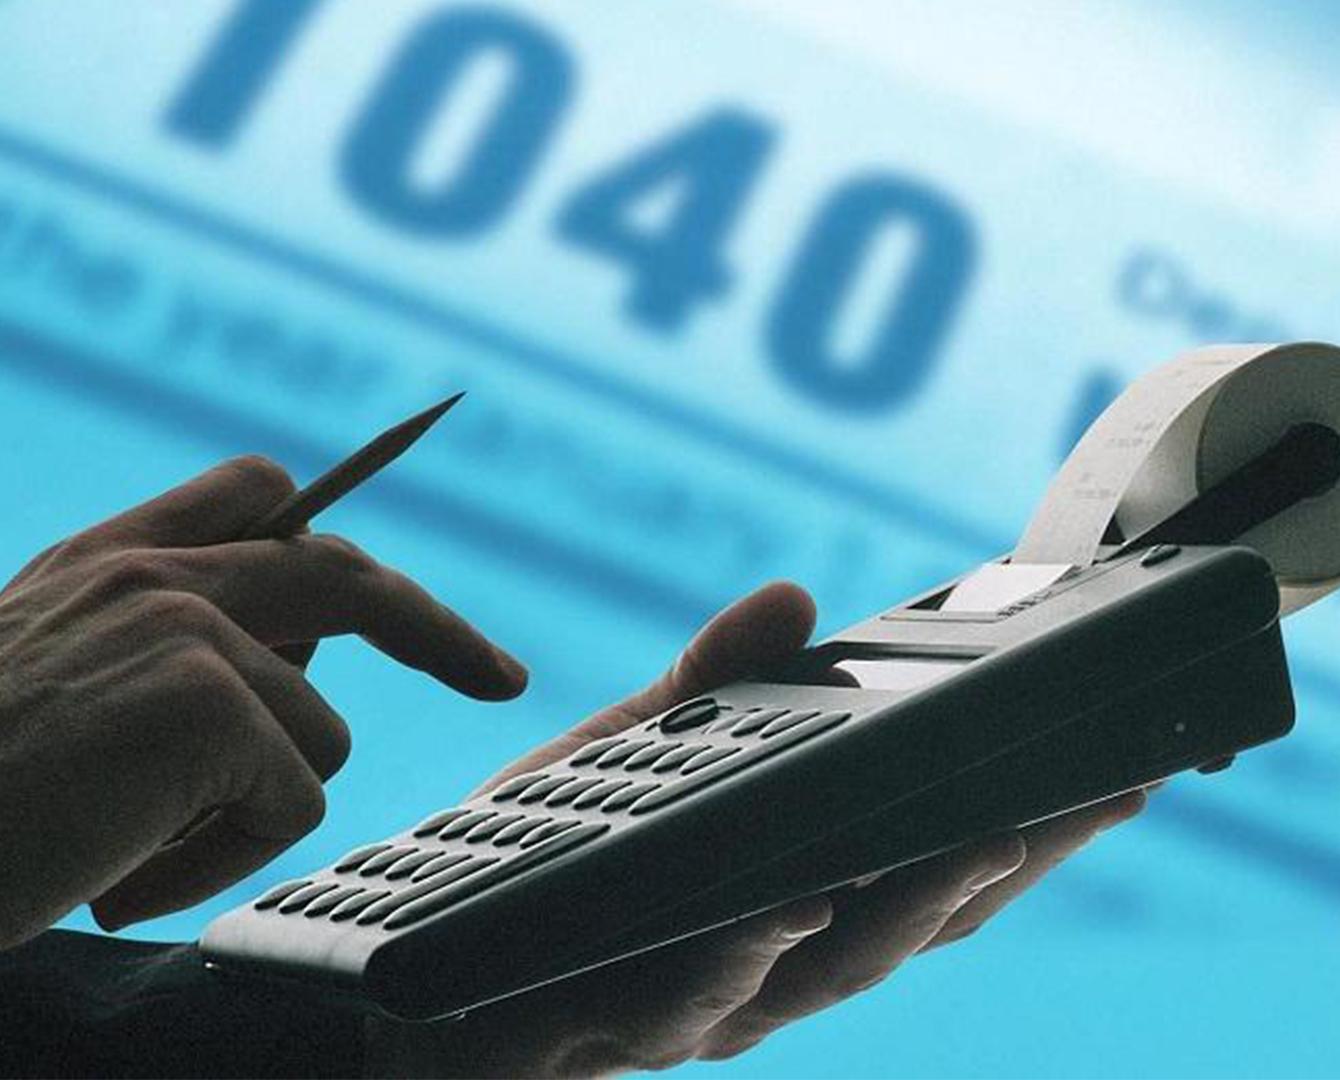 Под налоговую амнистию в Казахстане подпадают более 90 тысяч субъектов МСБ